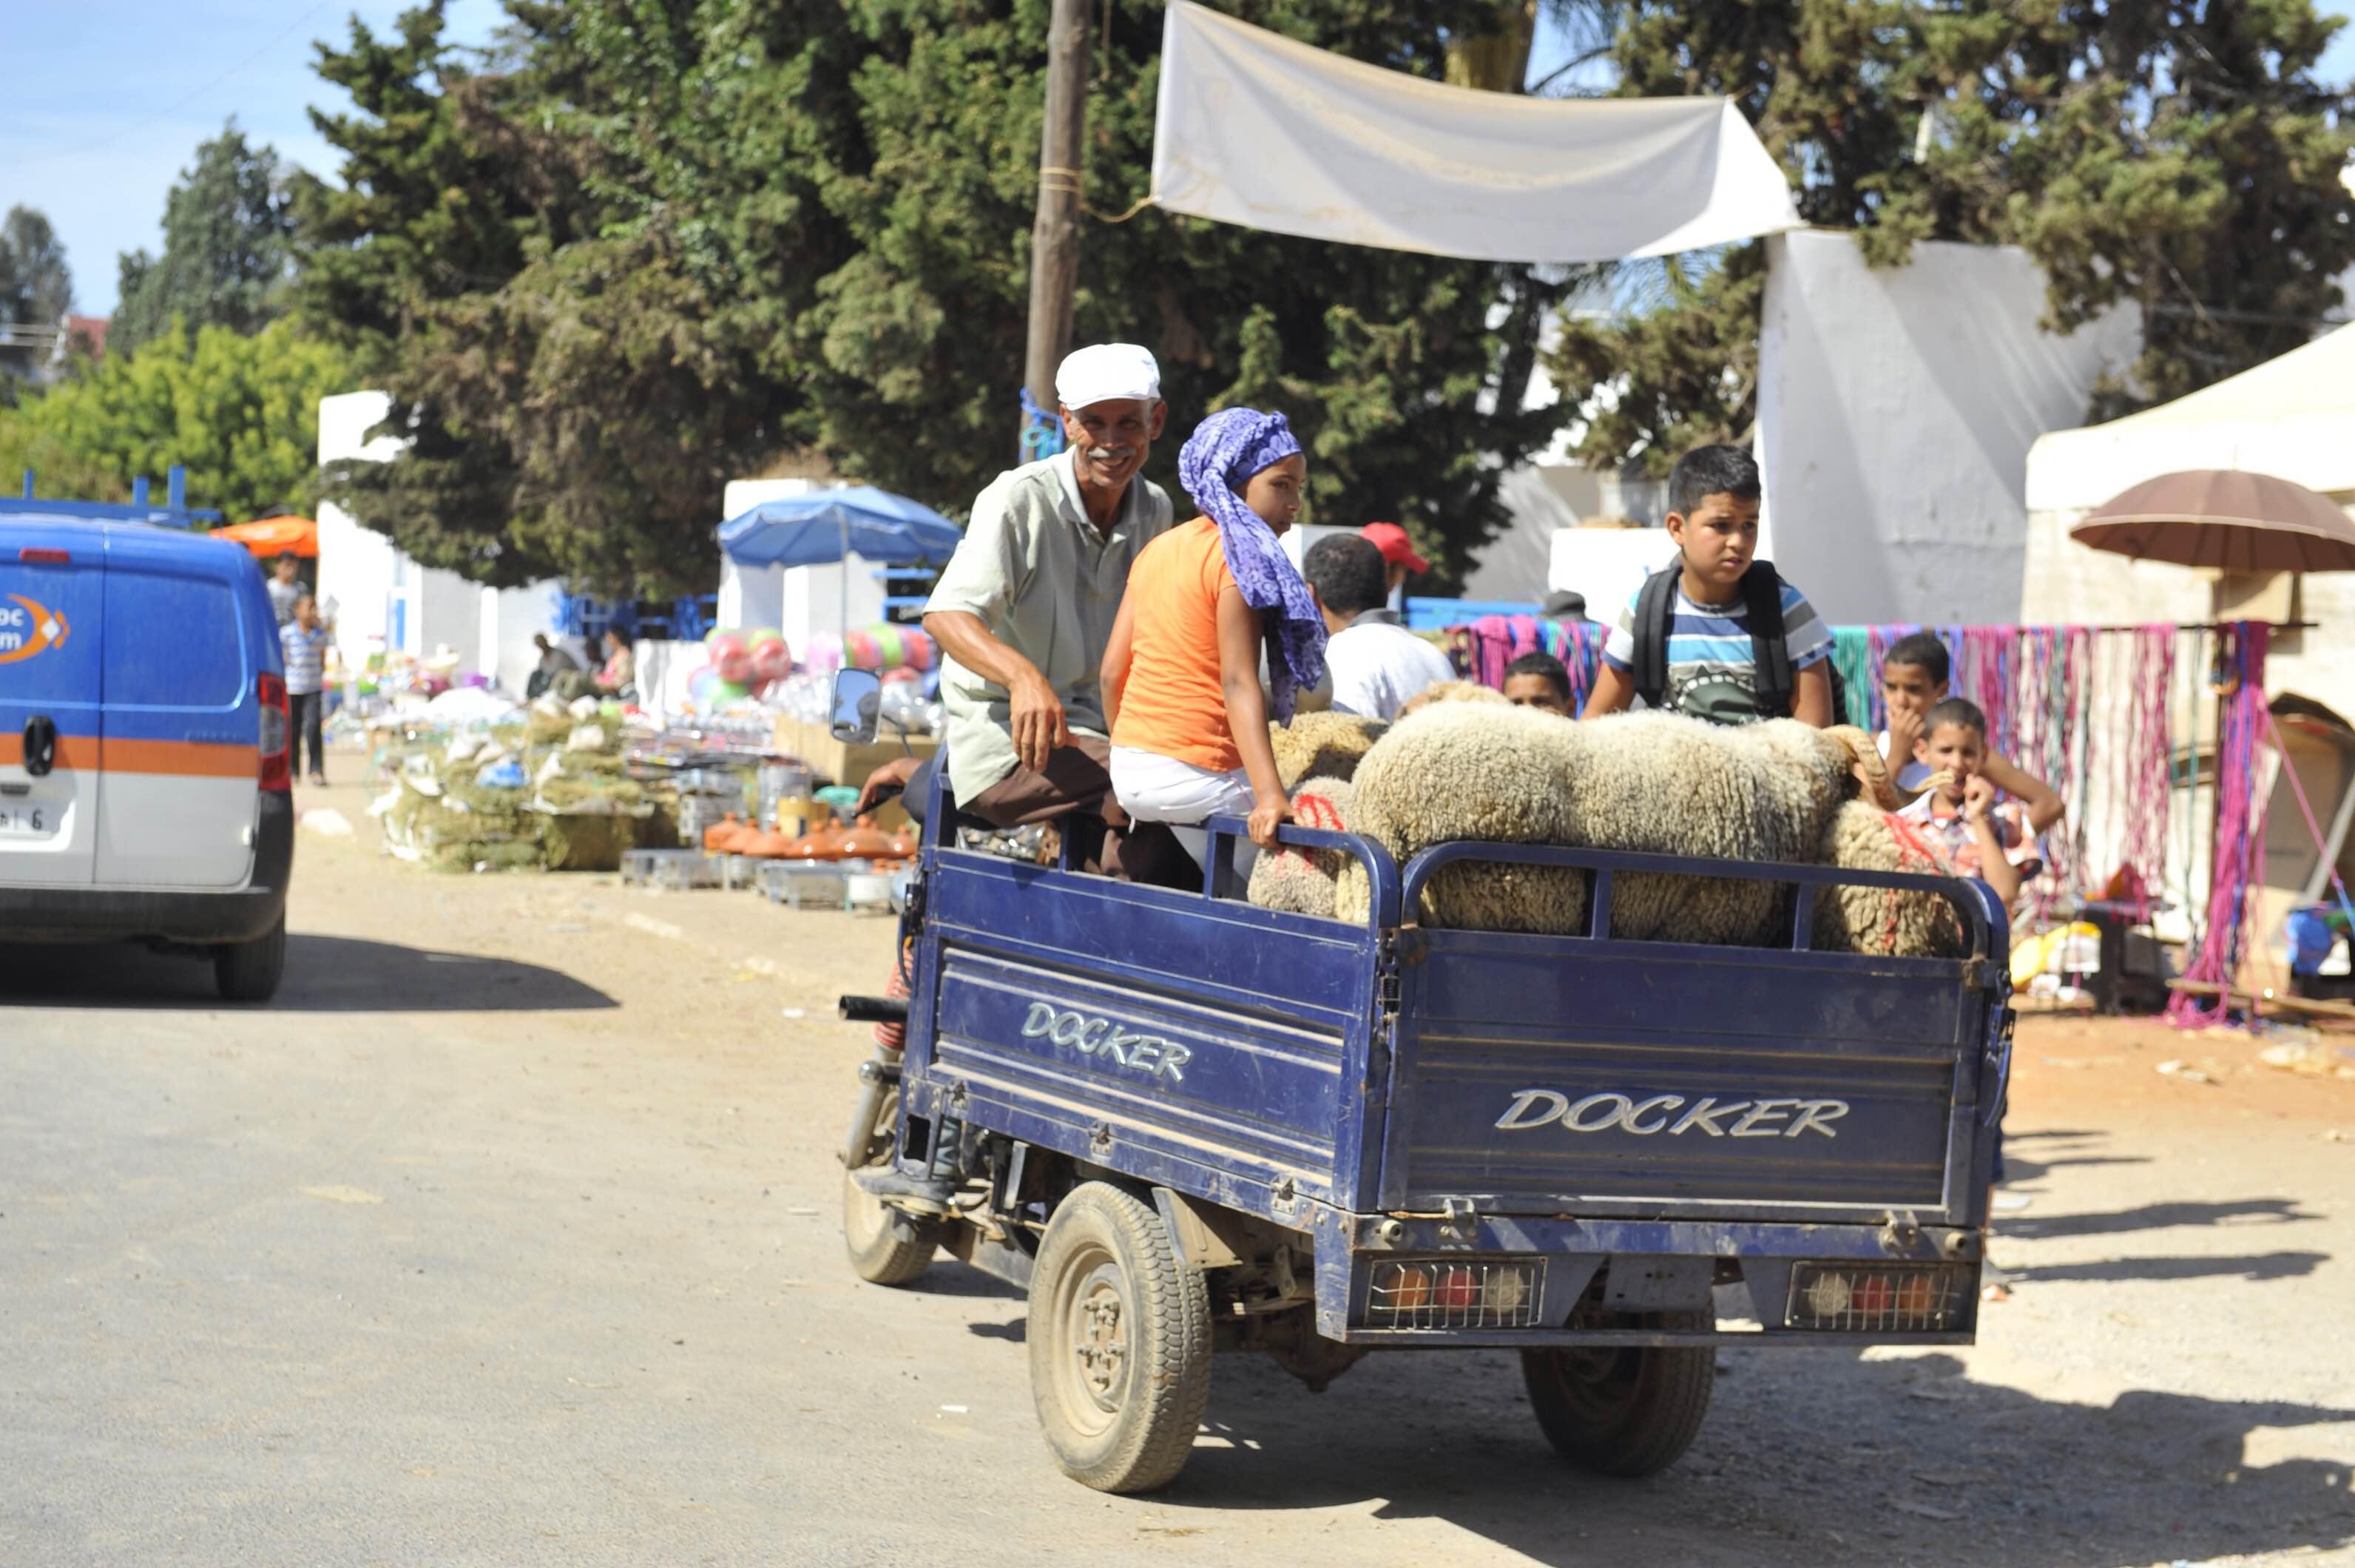 اقتطاعات تدخل مستخدمين في وكالة التنمية الاجتماعية والتعاون الوطني خانة «عجز» عن اقتناء خروف العيد